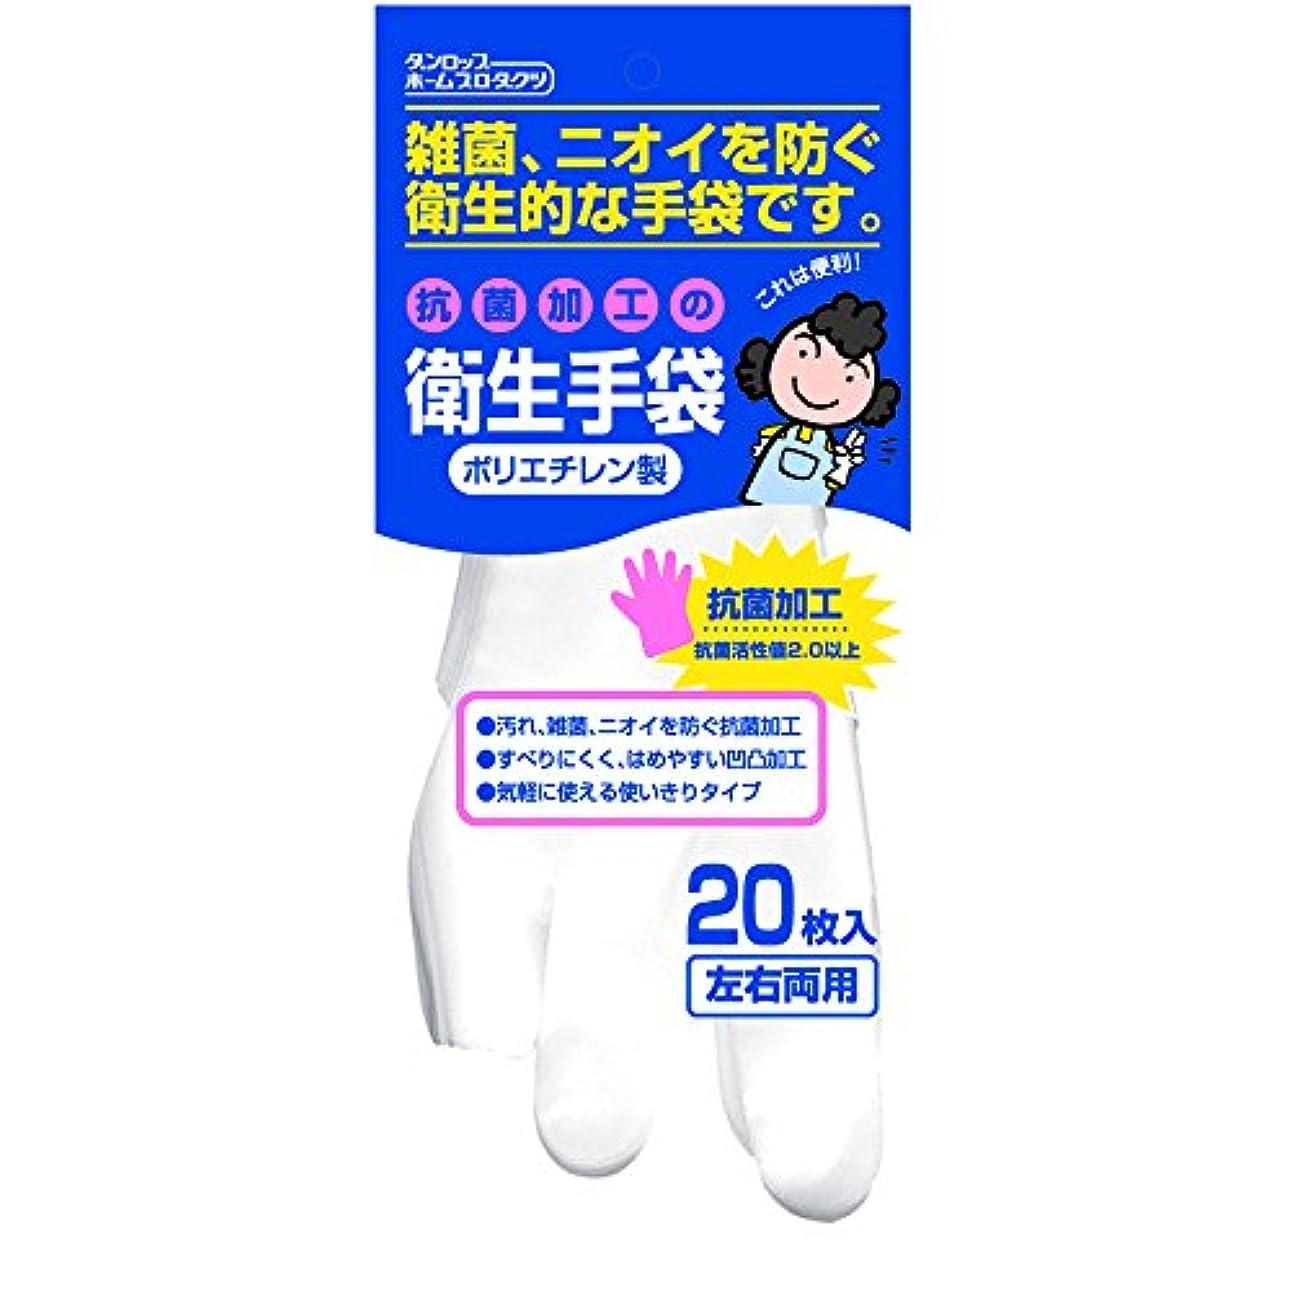 バンナイロン発火するダンロップ ホームプロダクツ ビニール手袋 ポリエチレン 衛生 抗菌 クリア フリー 雑菌 ニオイを防ぐ衛生的な手袋  20枚入